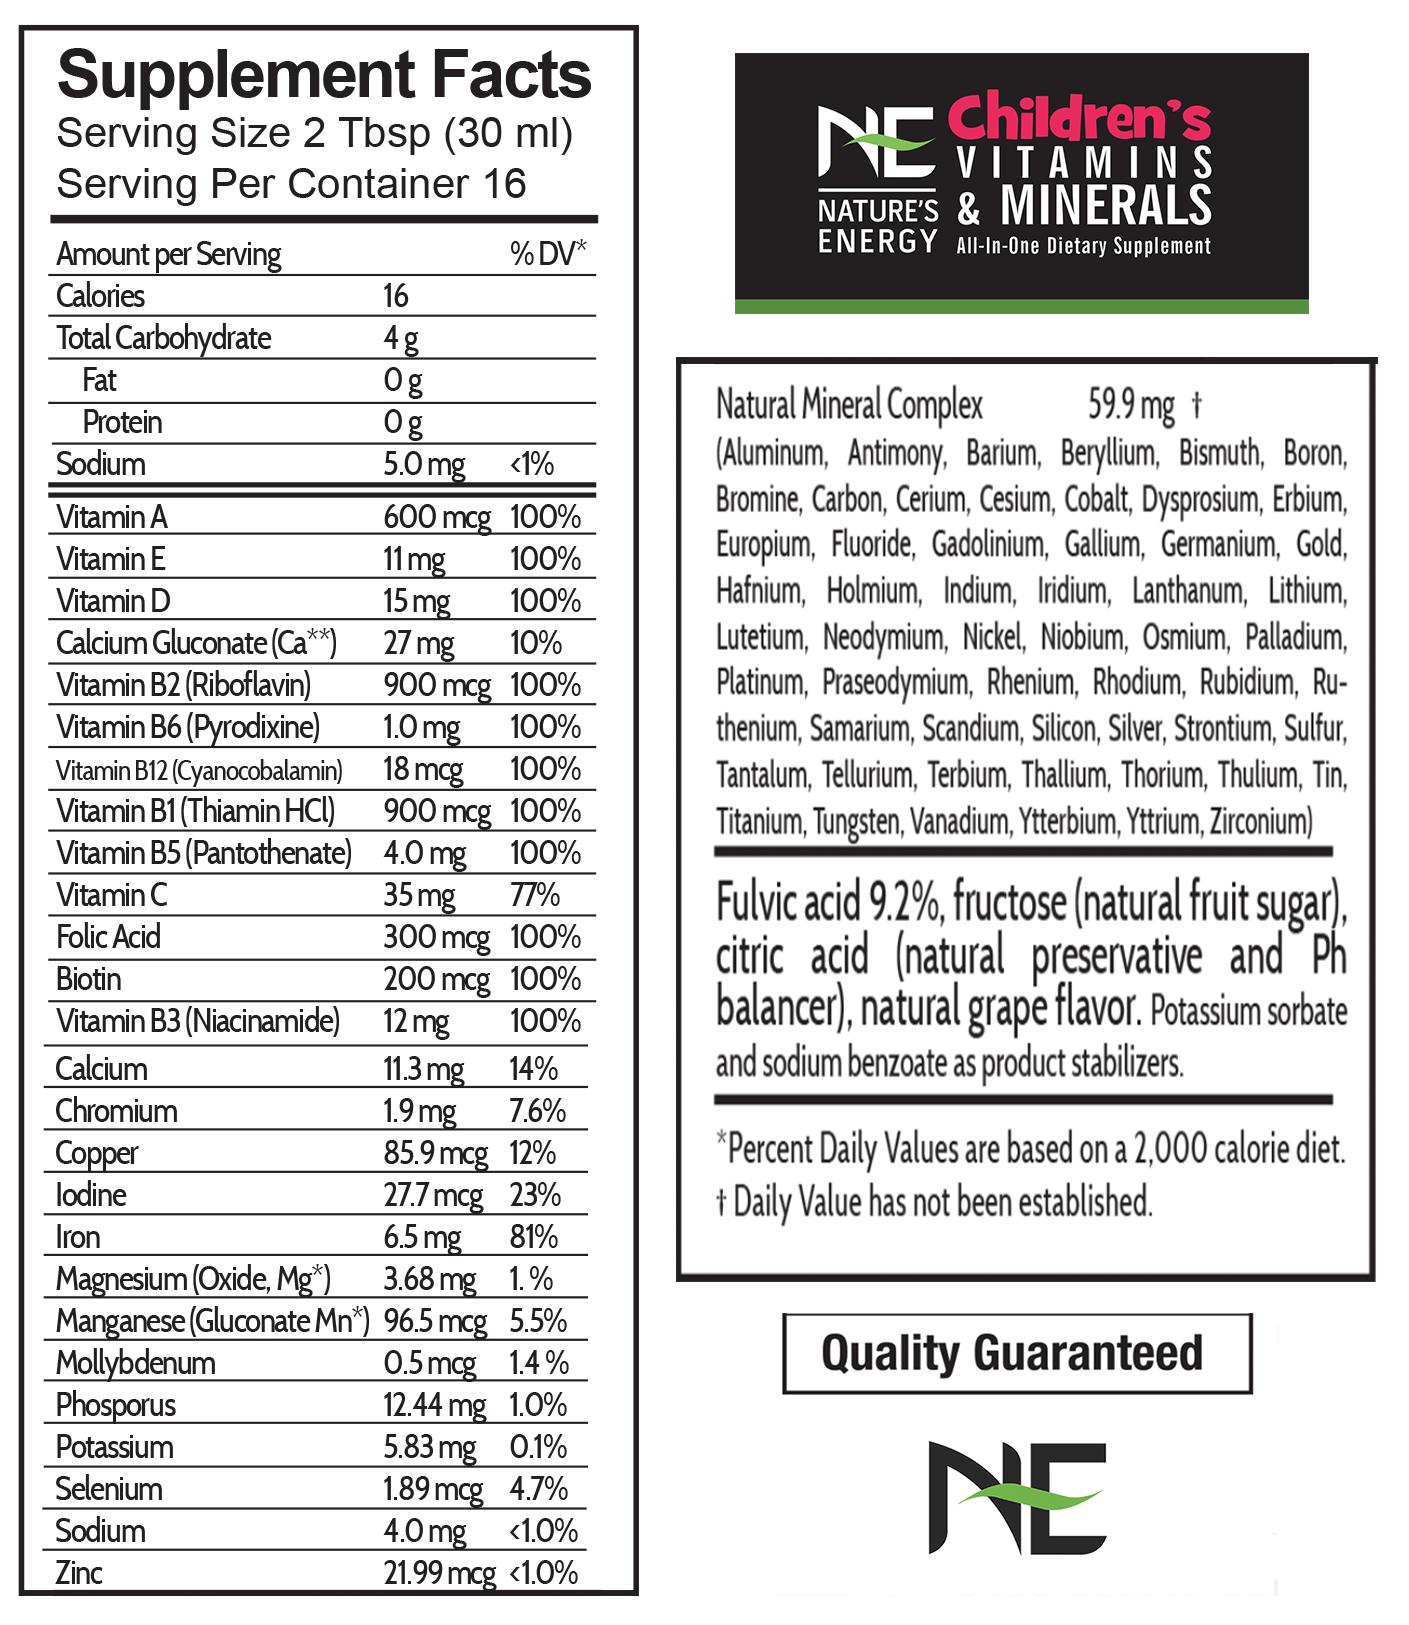 Prenatal vitamins and minerals supplement facts